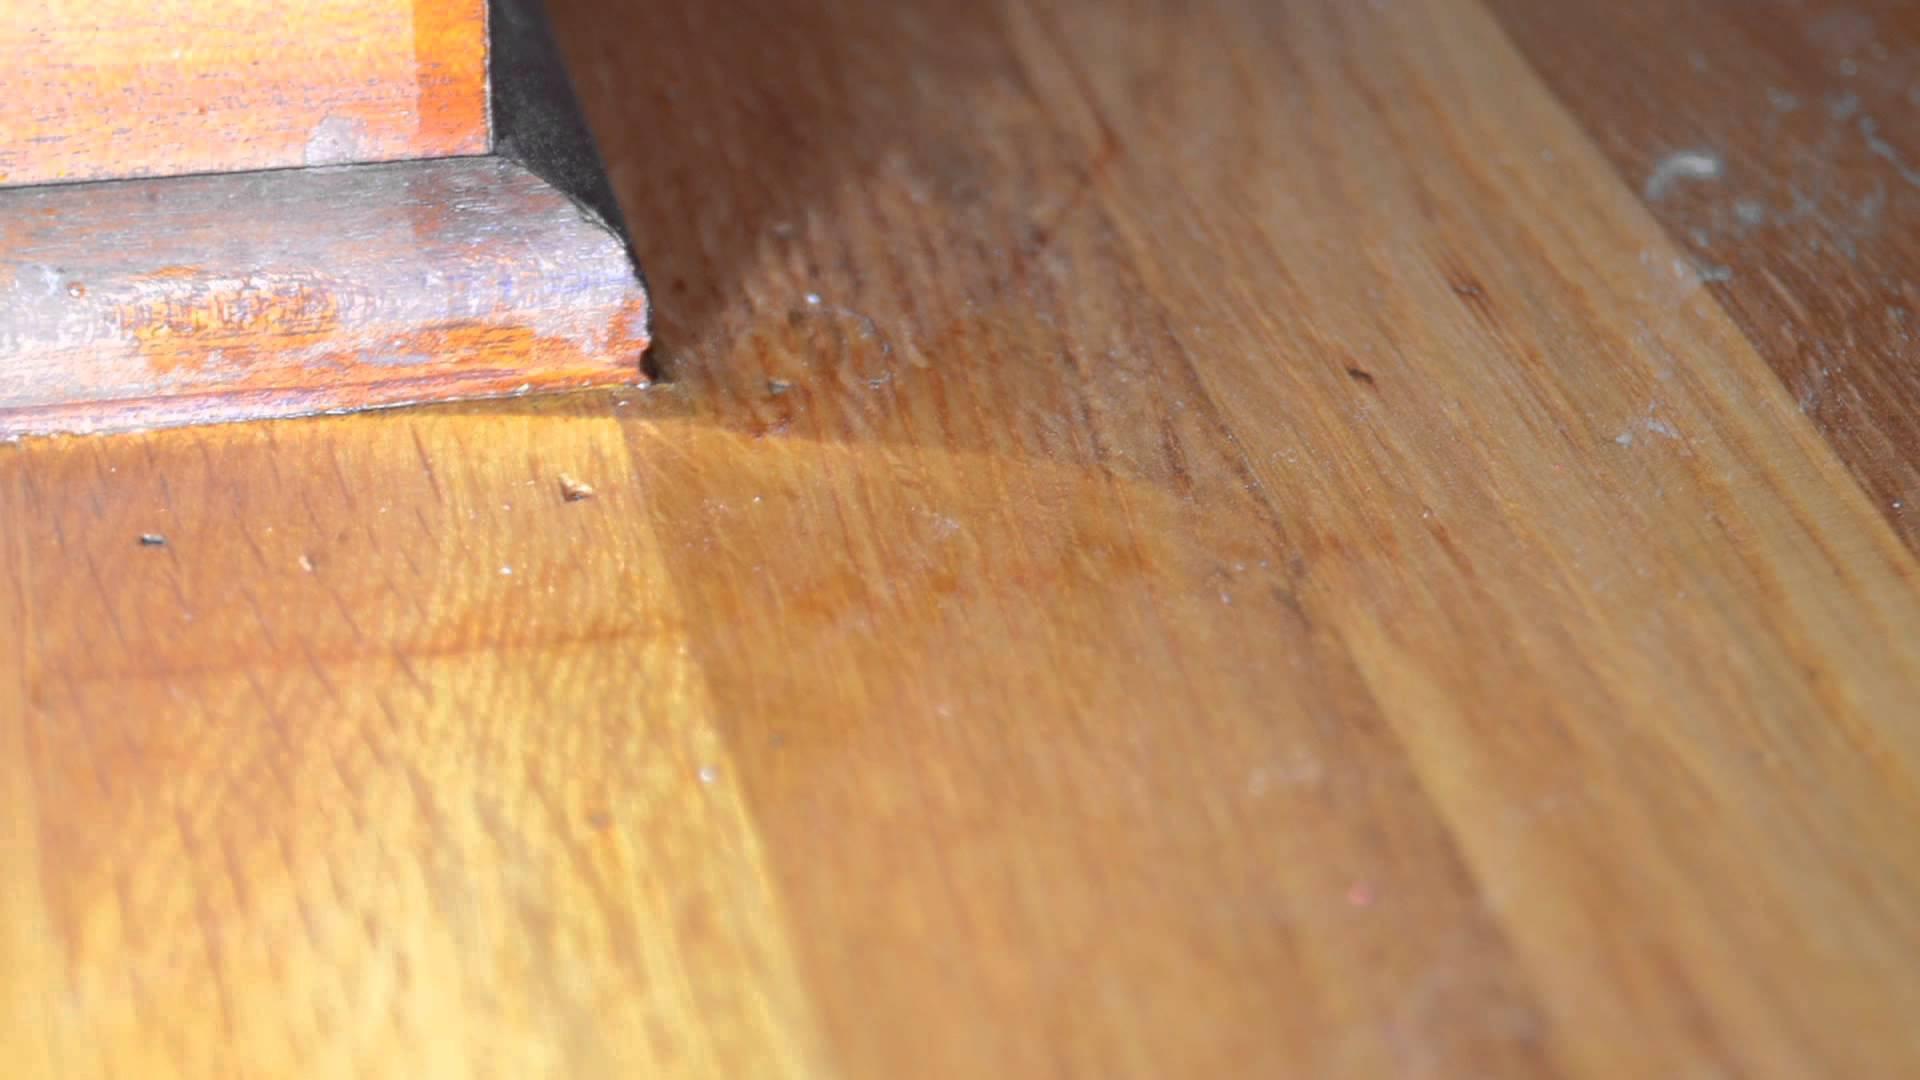 rona hardwood flooring reviews of wood floor contractors vinyl plank flooring rona floor plan ideas with wood floor contractors wood floor contractors hard wood floor refinishing contractors